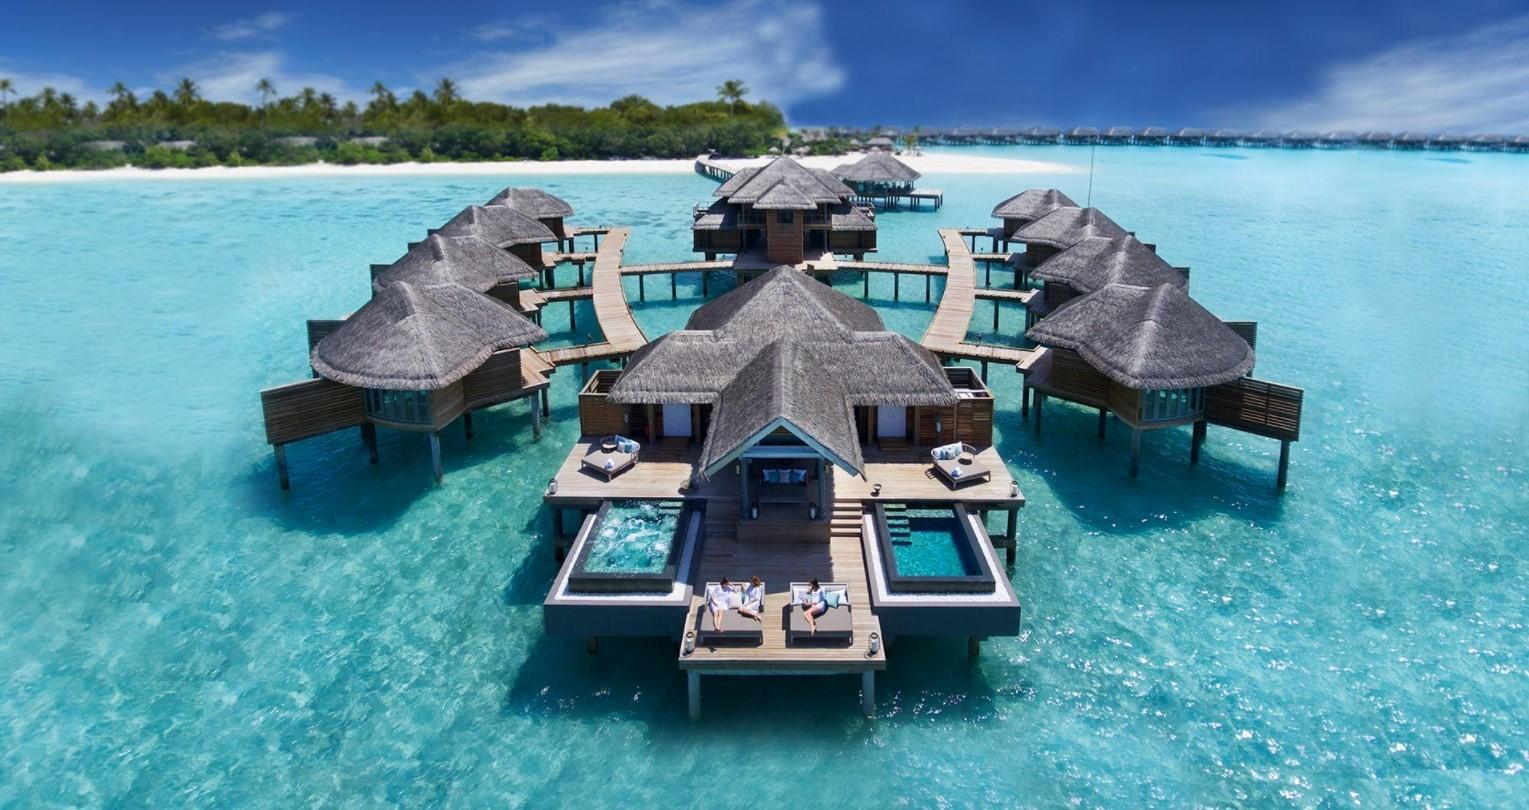 news-main-resort-news-weekly-roundup.1635152298.jpg